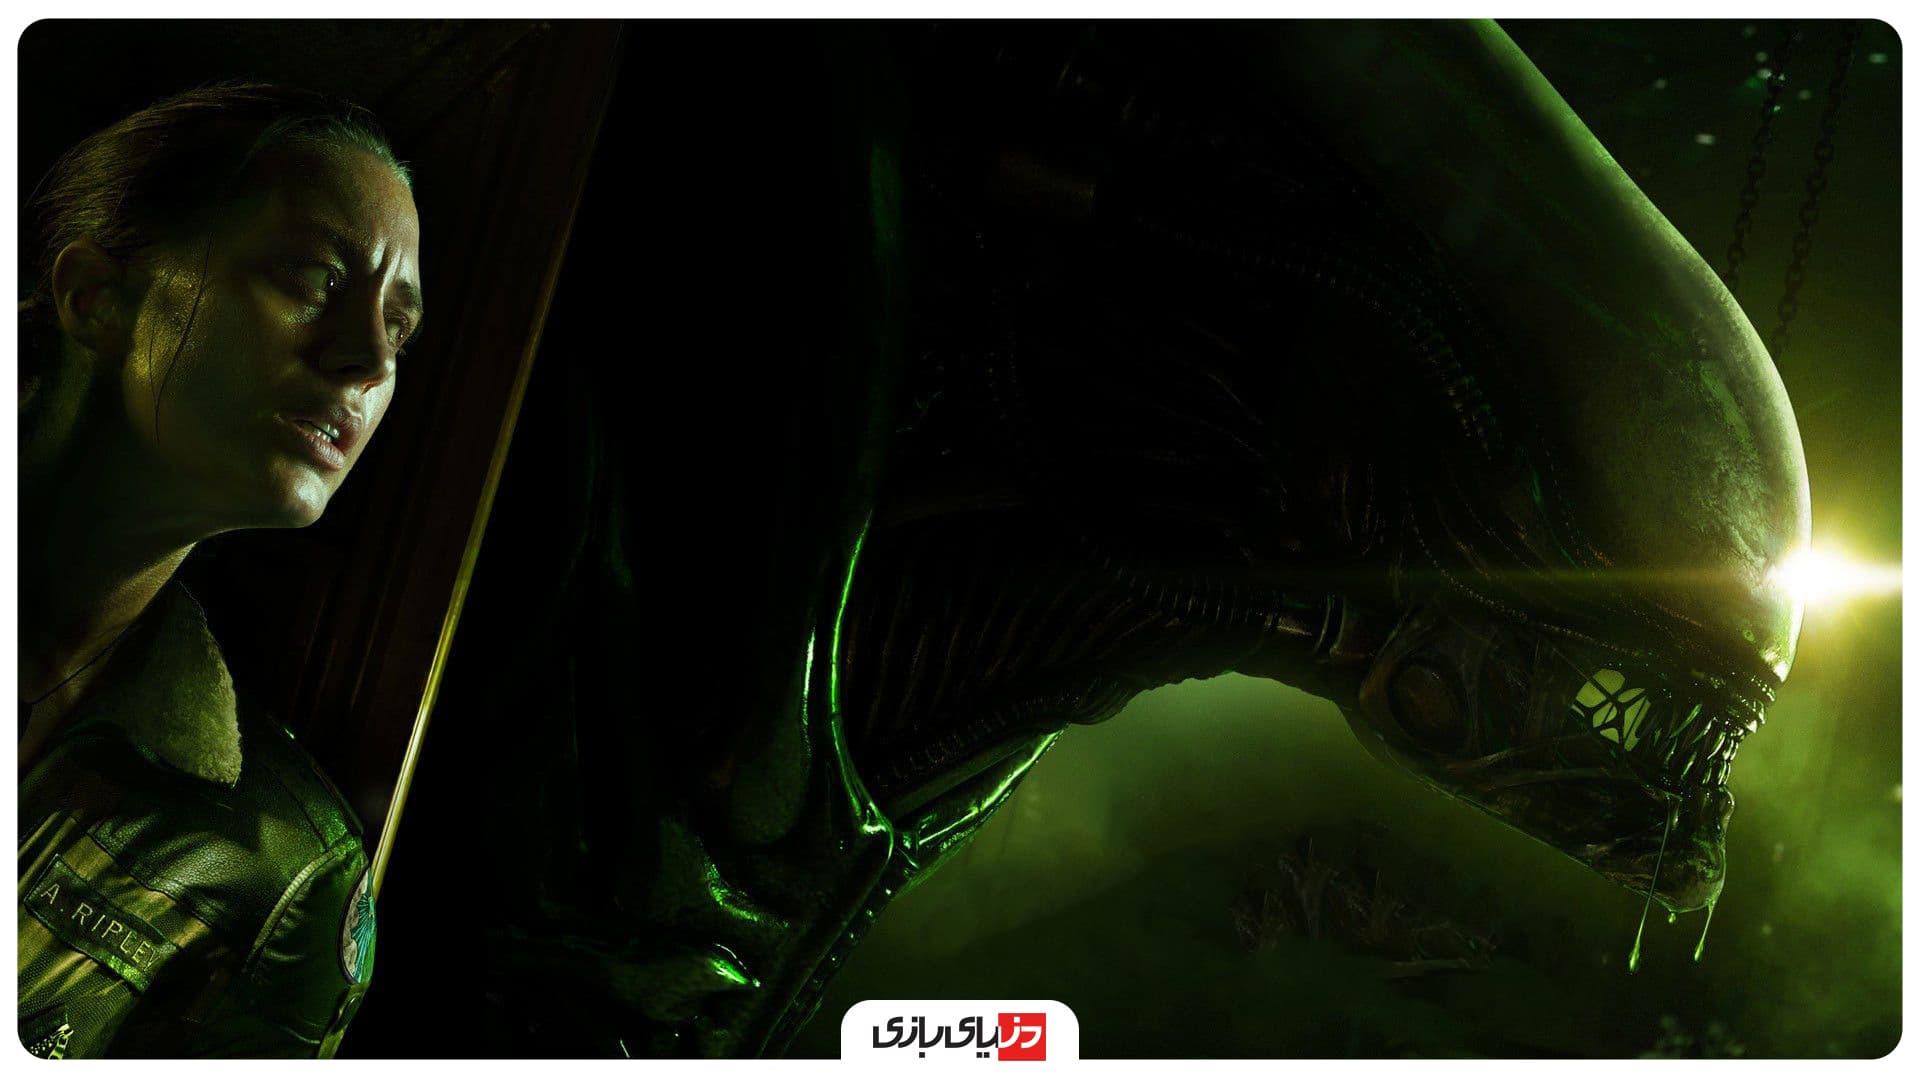 بهترین بازی ترسناک - Alien: Isolation - ترسناک ترین بازی های دنیا